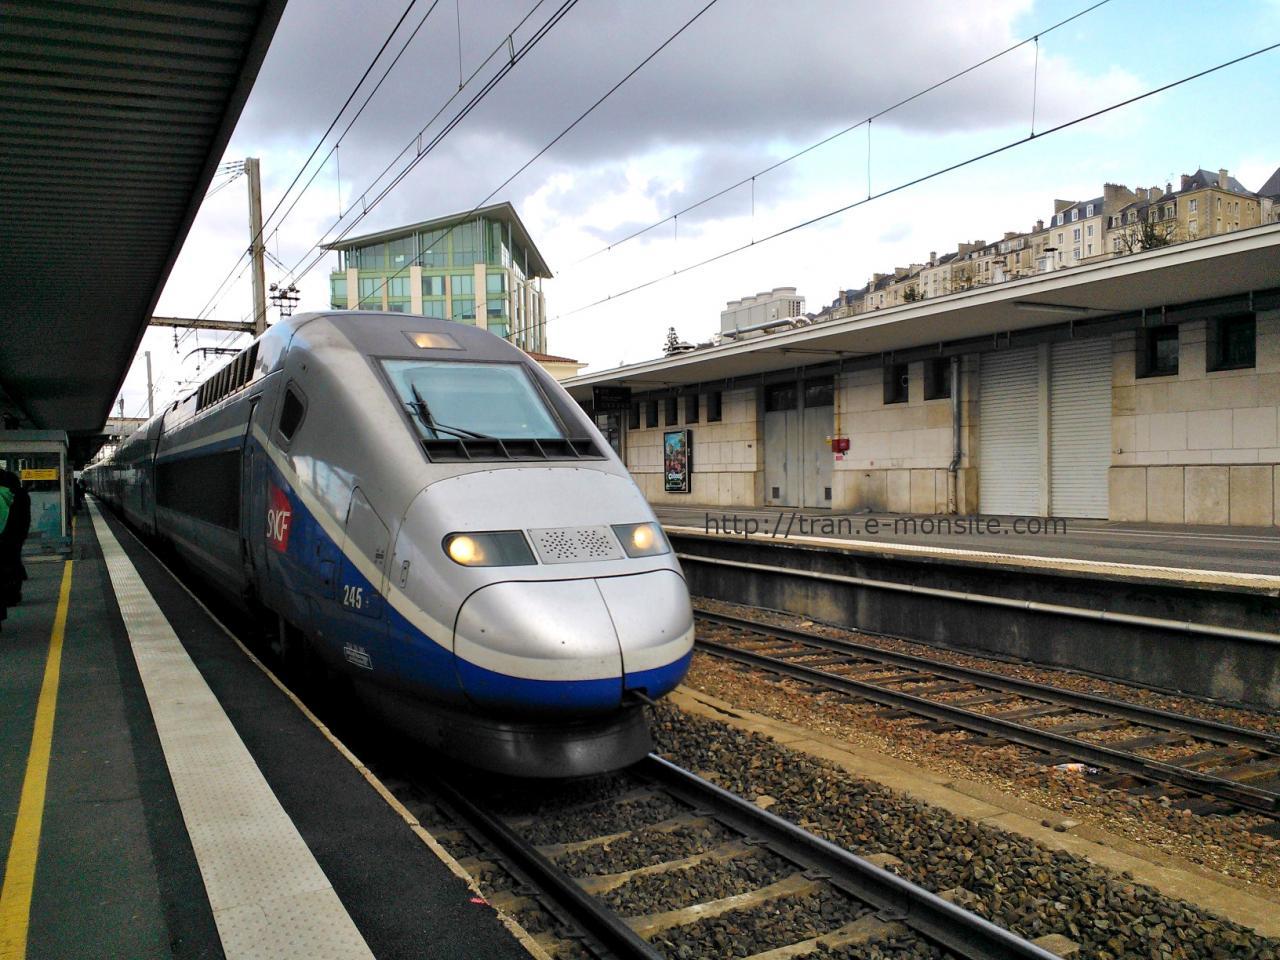 TGV Duplex en gare de Poitier